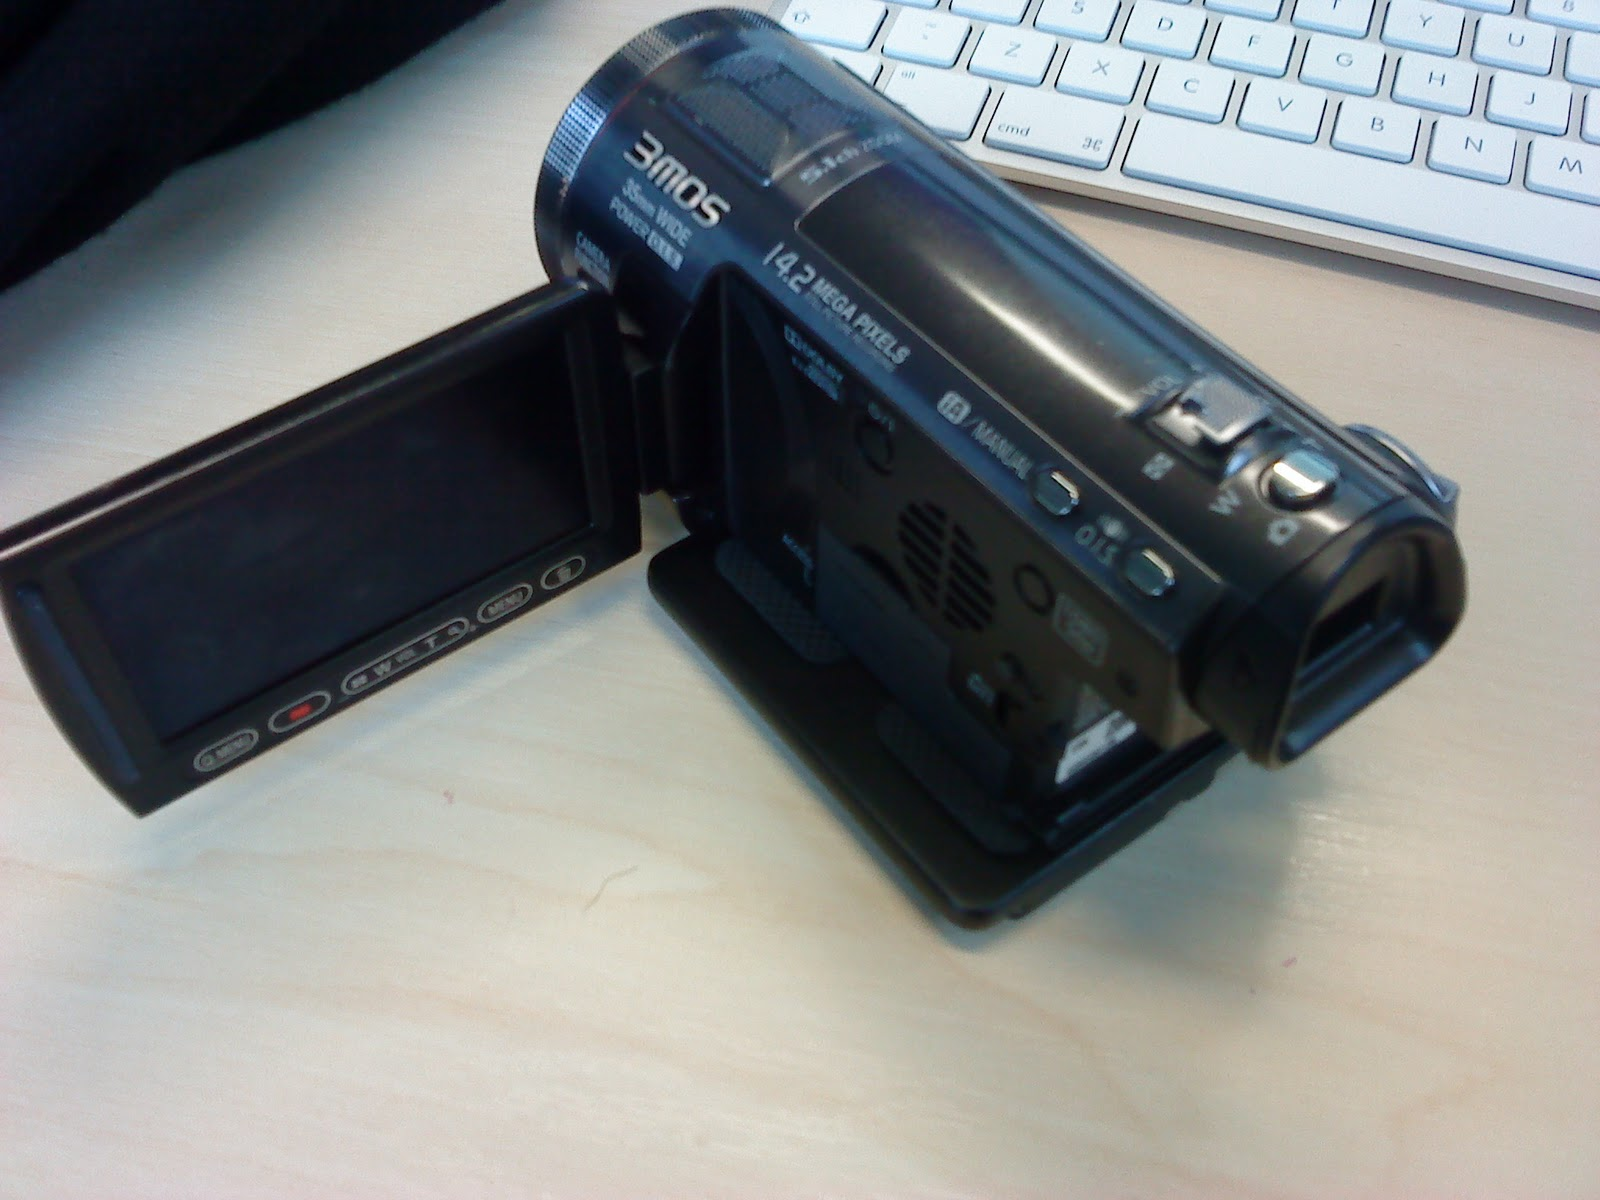 Cagla Dogan: Camera angles, equipment and Adobe premiere